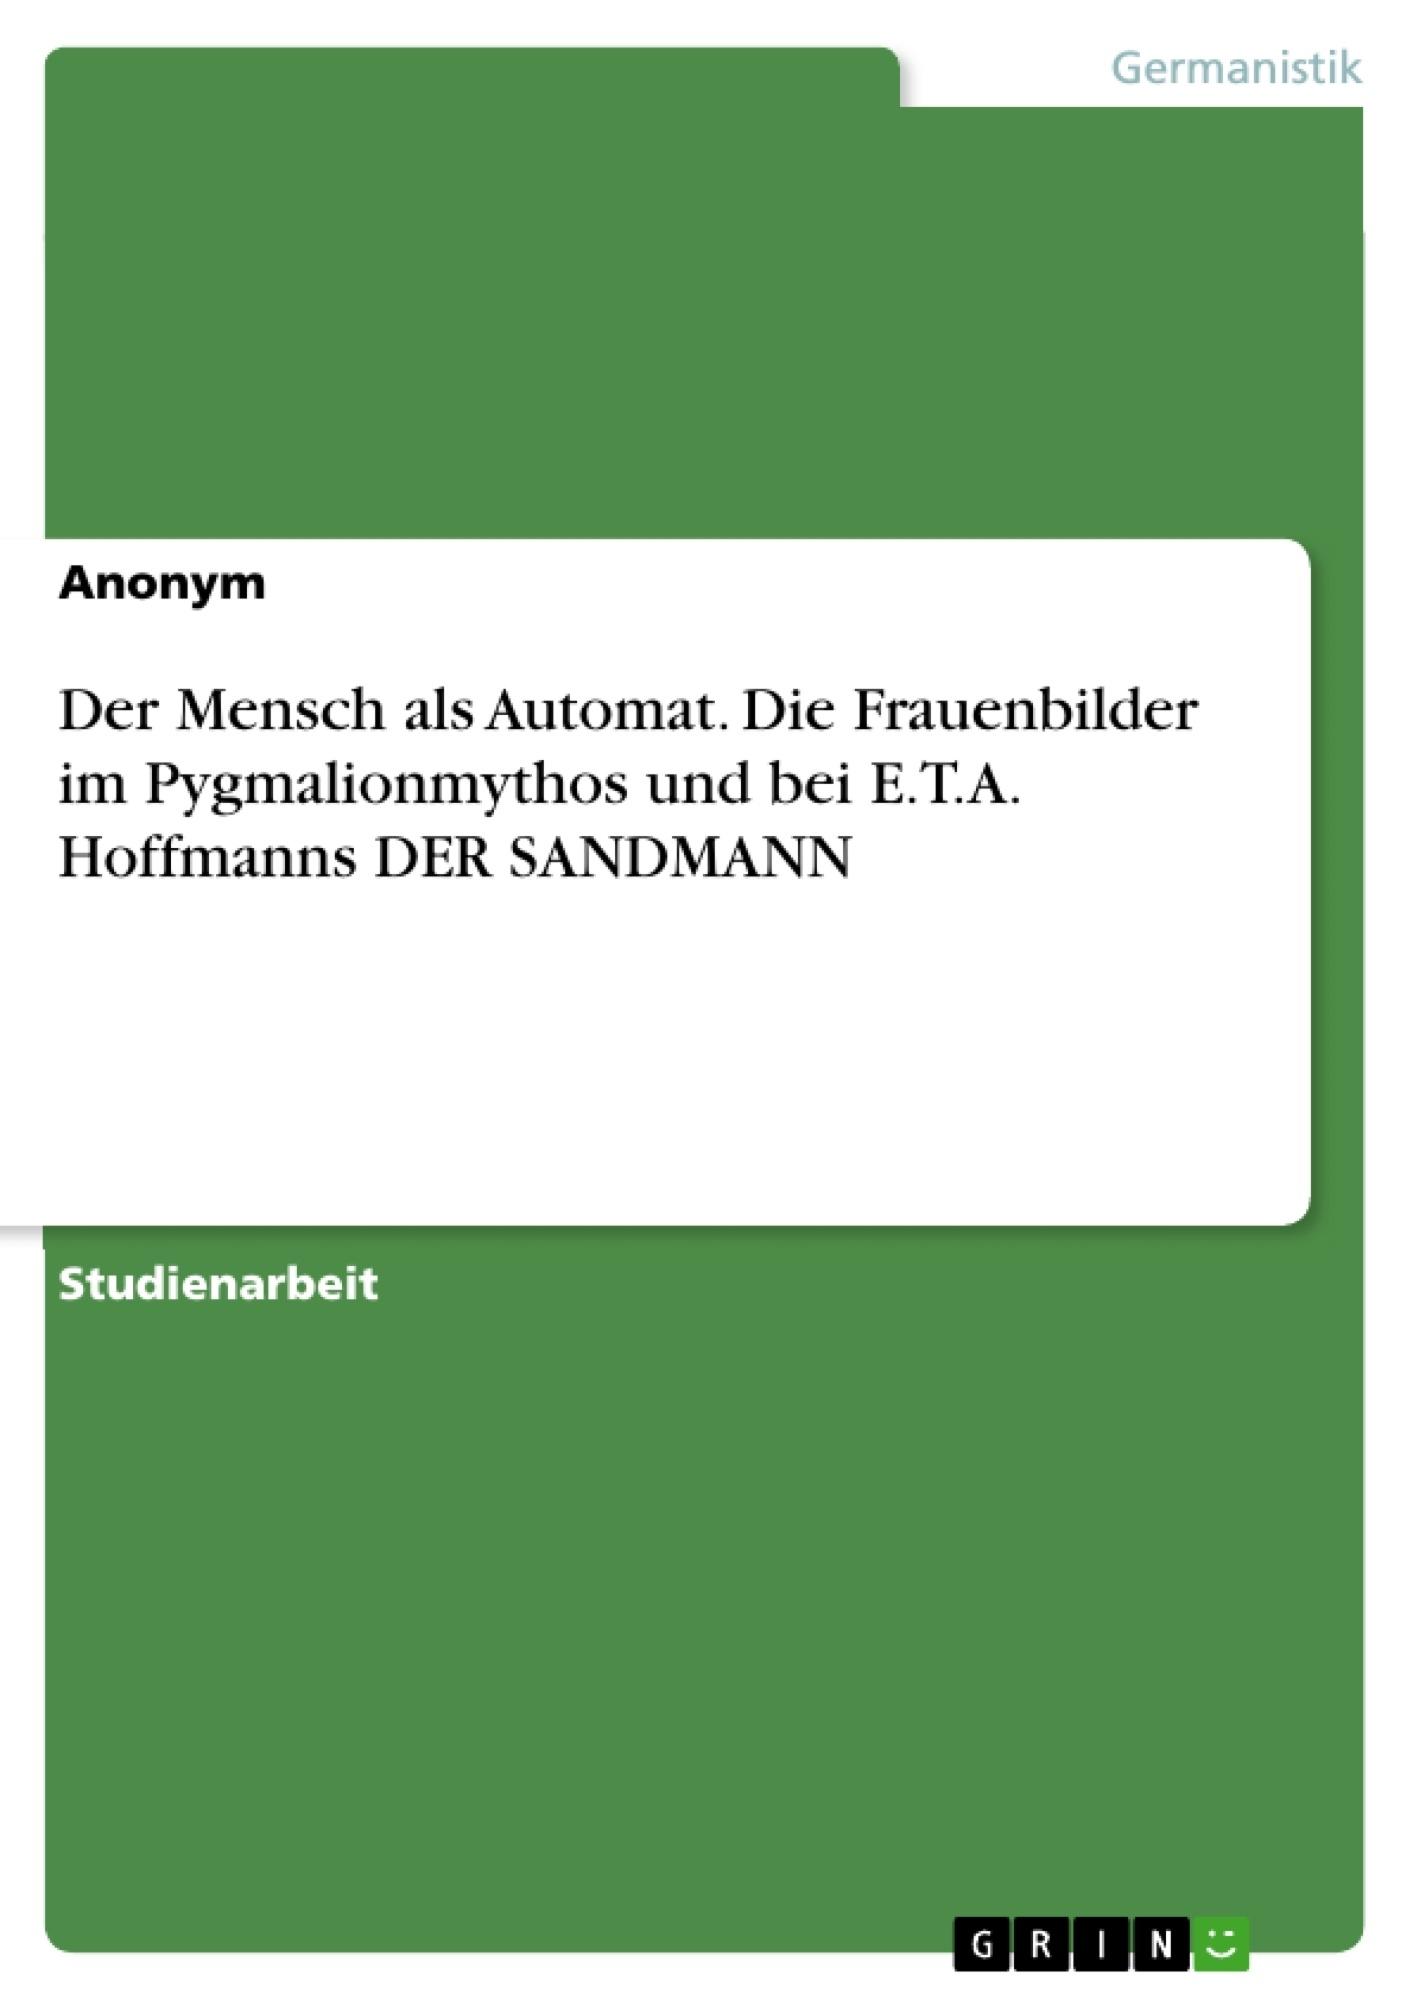 Titel: Der Mensch als Automat. Die Frauenbilder im Pygmalionmythos und bei E.T.A. Hoffmanns DER SANDMANN